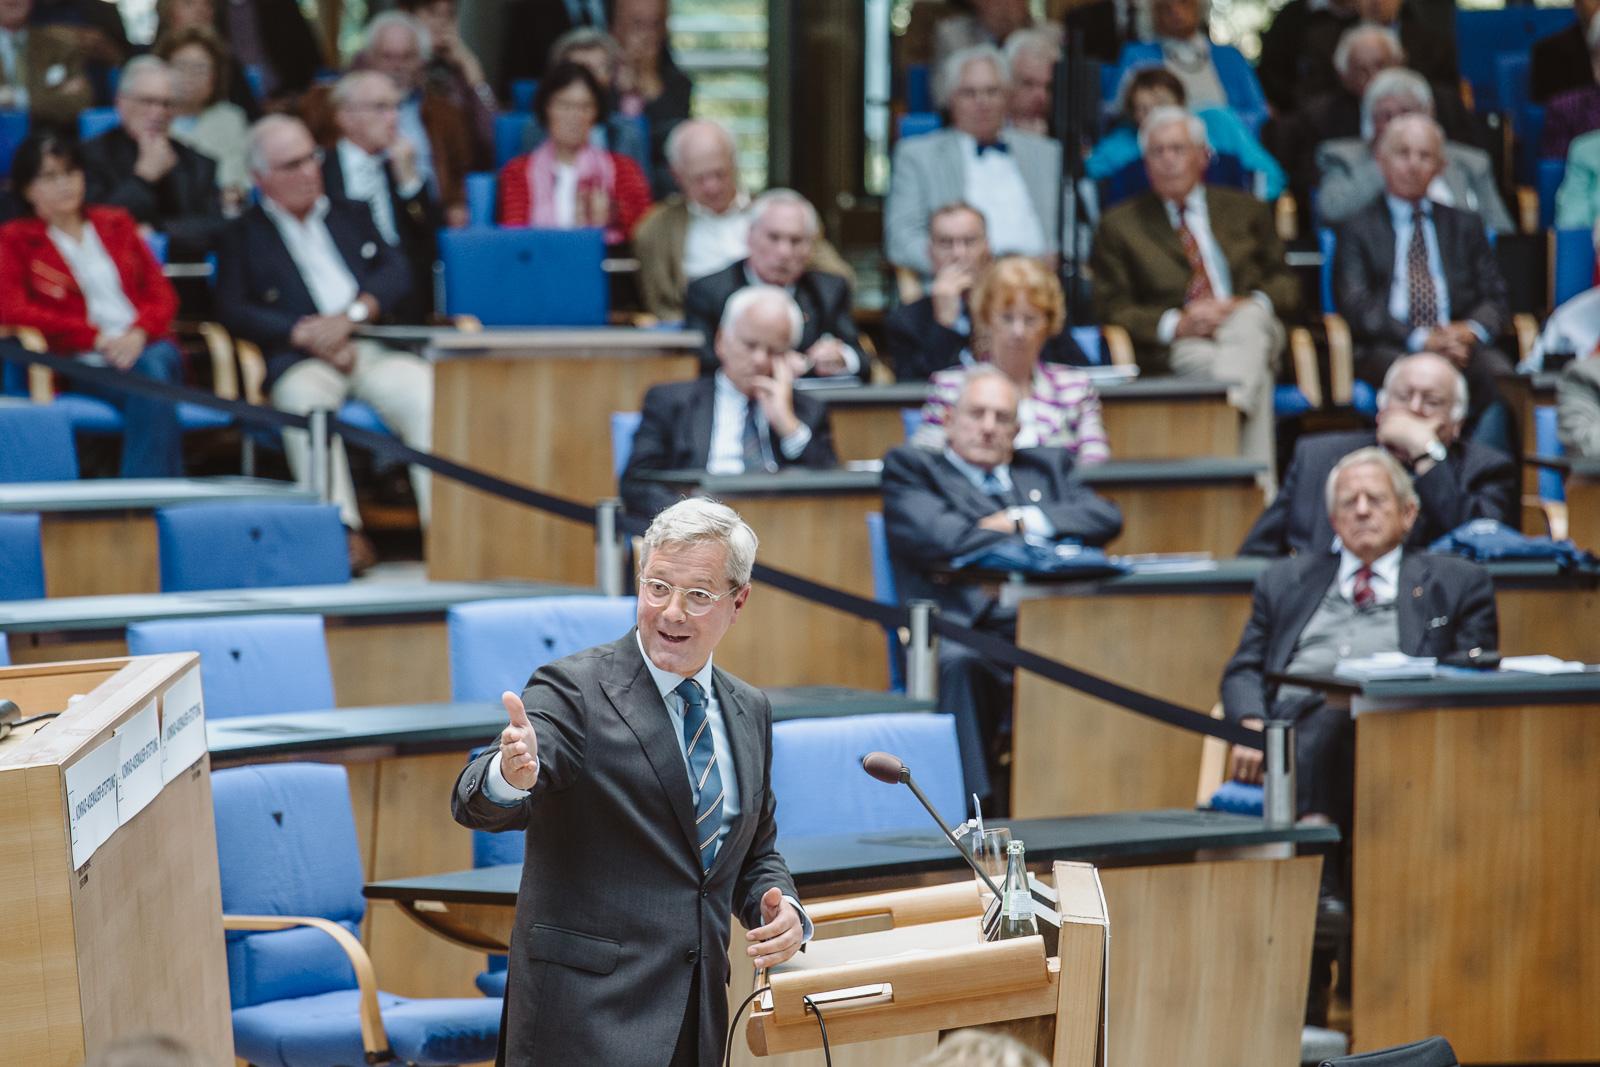 Konferenzfotografie - Dr. Norbert Röttgen - Wasserwerkgespräch der Konrad-Adenauer-Stifung